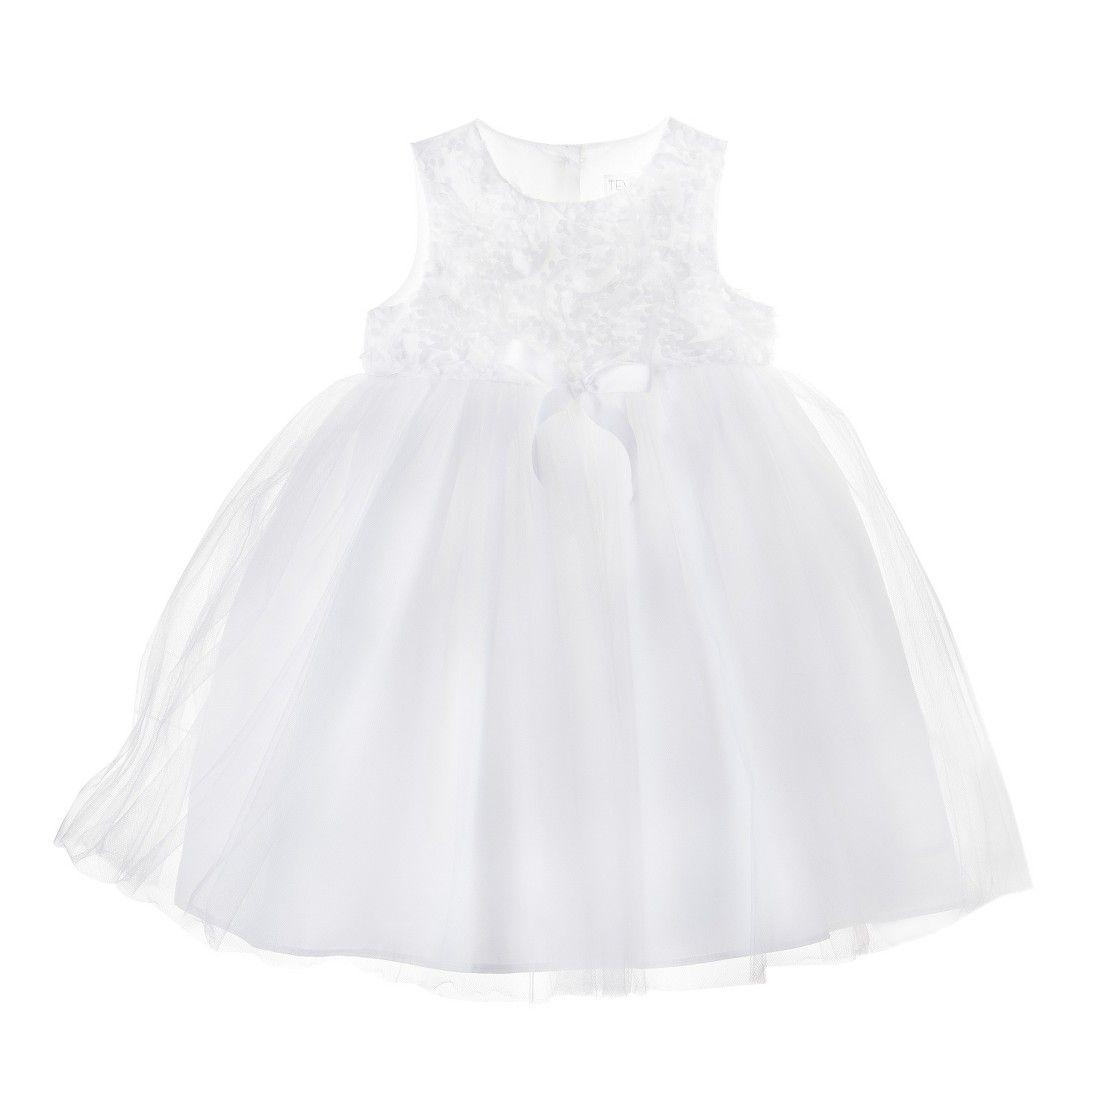 Tevolio Infant Toddler Girls Sleeveless Ballerina Dress At Target